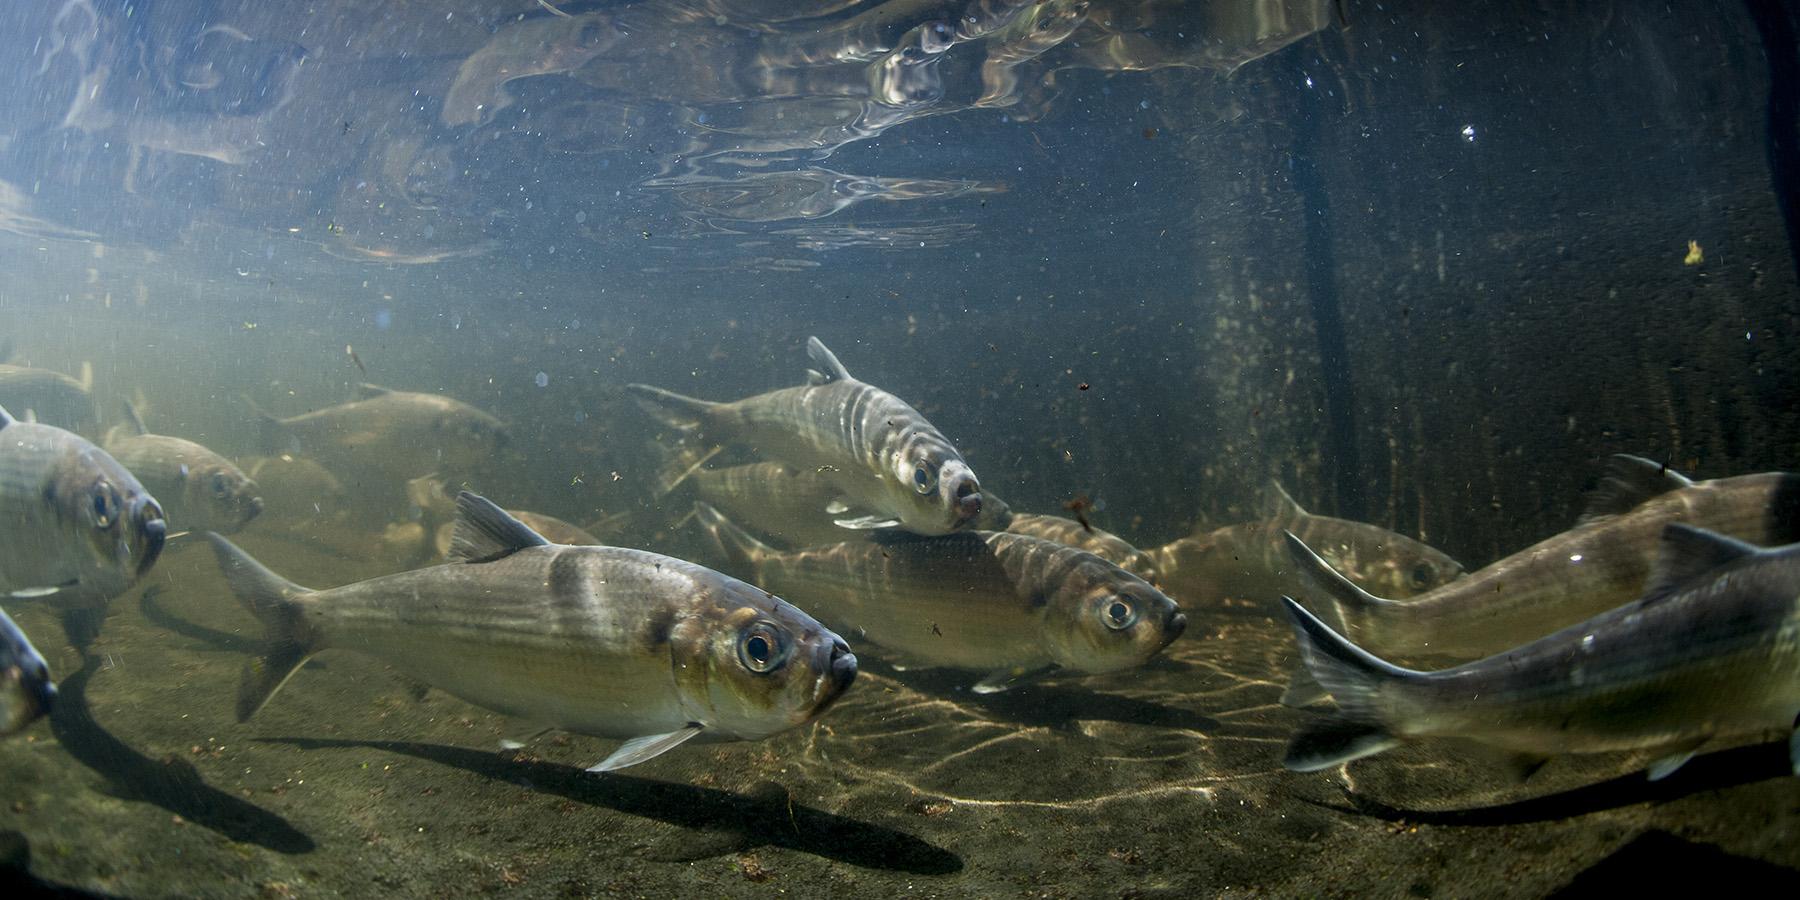 Onne van der Wal river herring